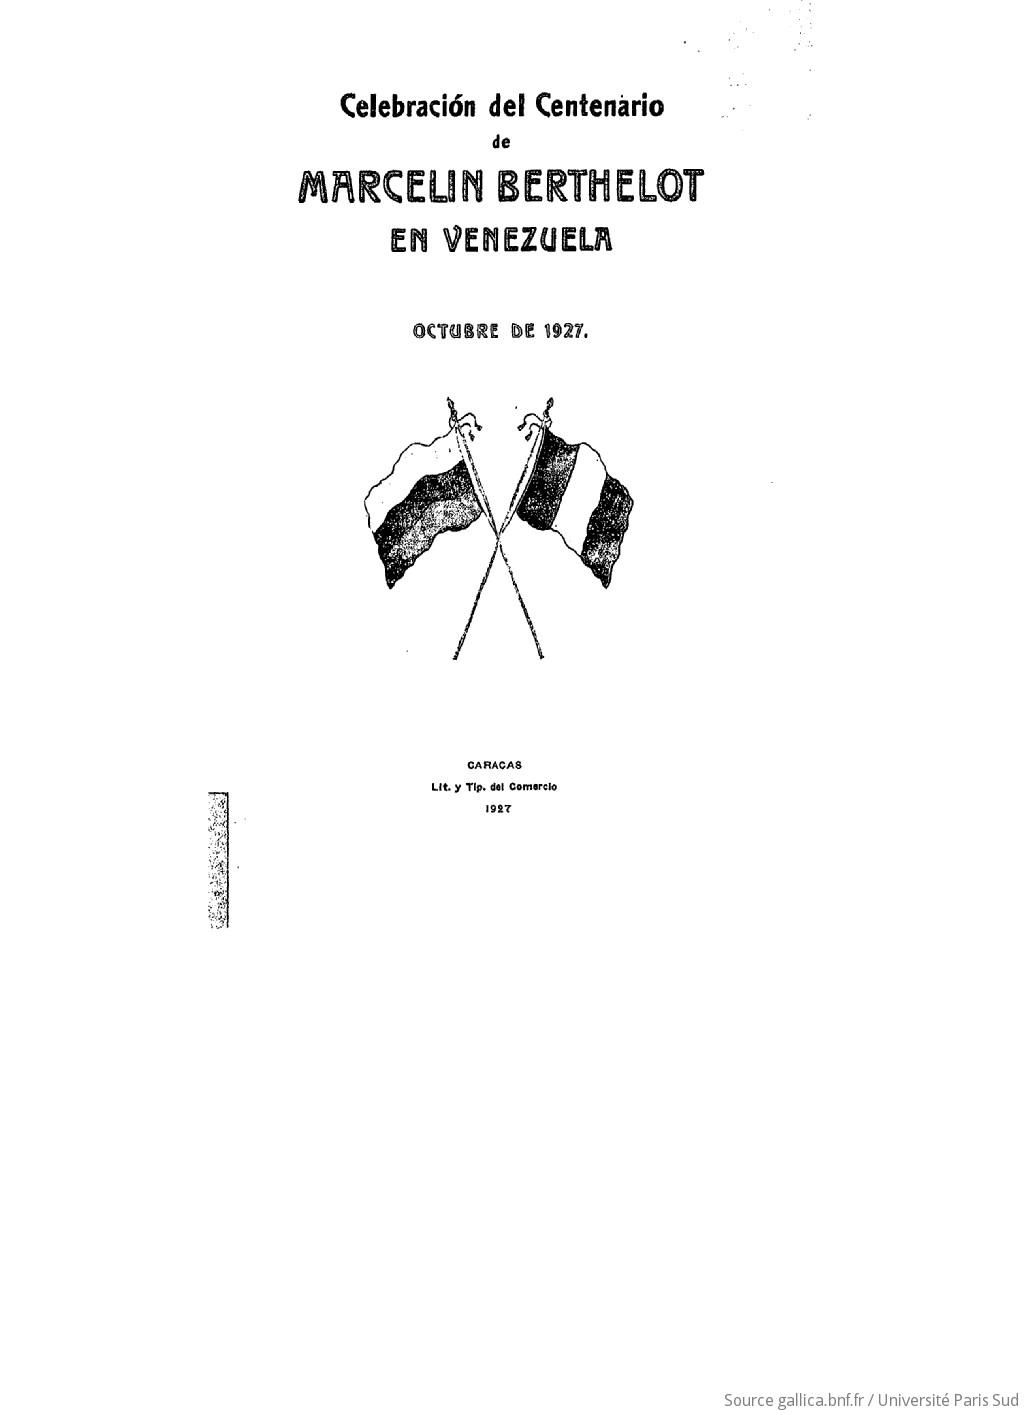 Celebracion del Centenario de Marcelin Berthelot en Venezuela, octubre de 1927